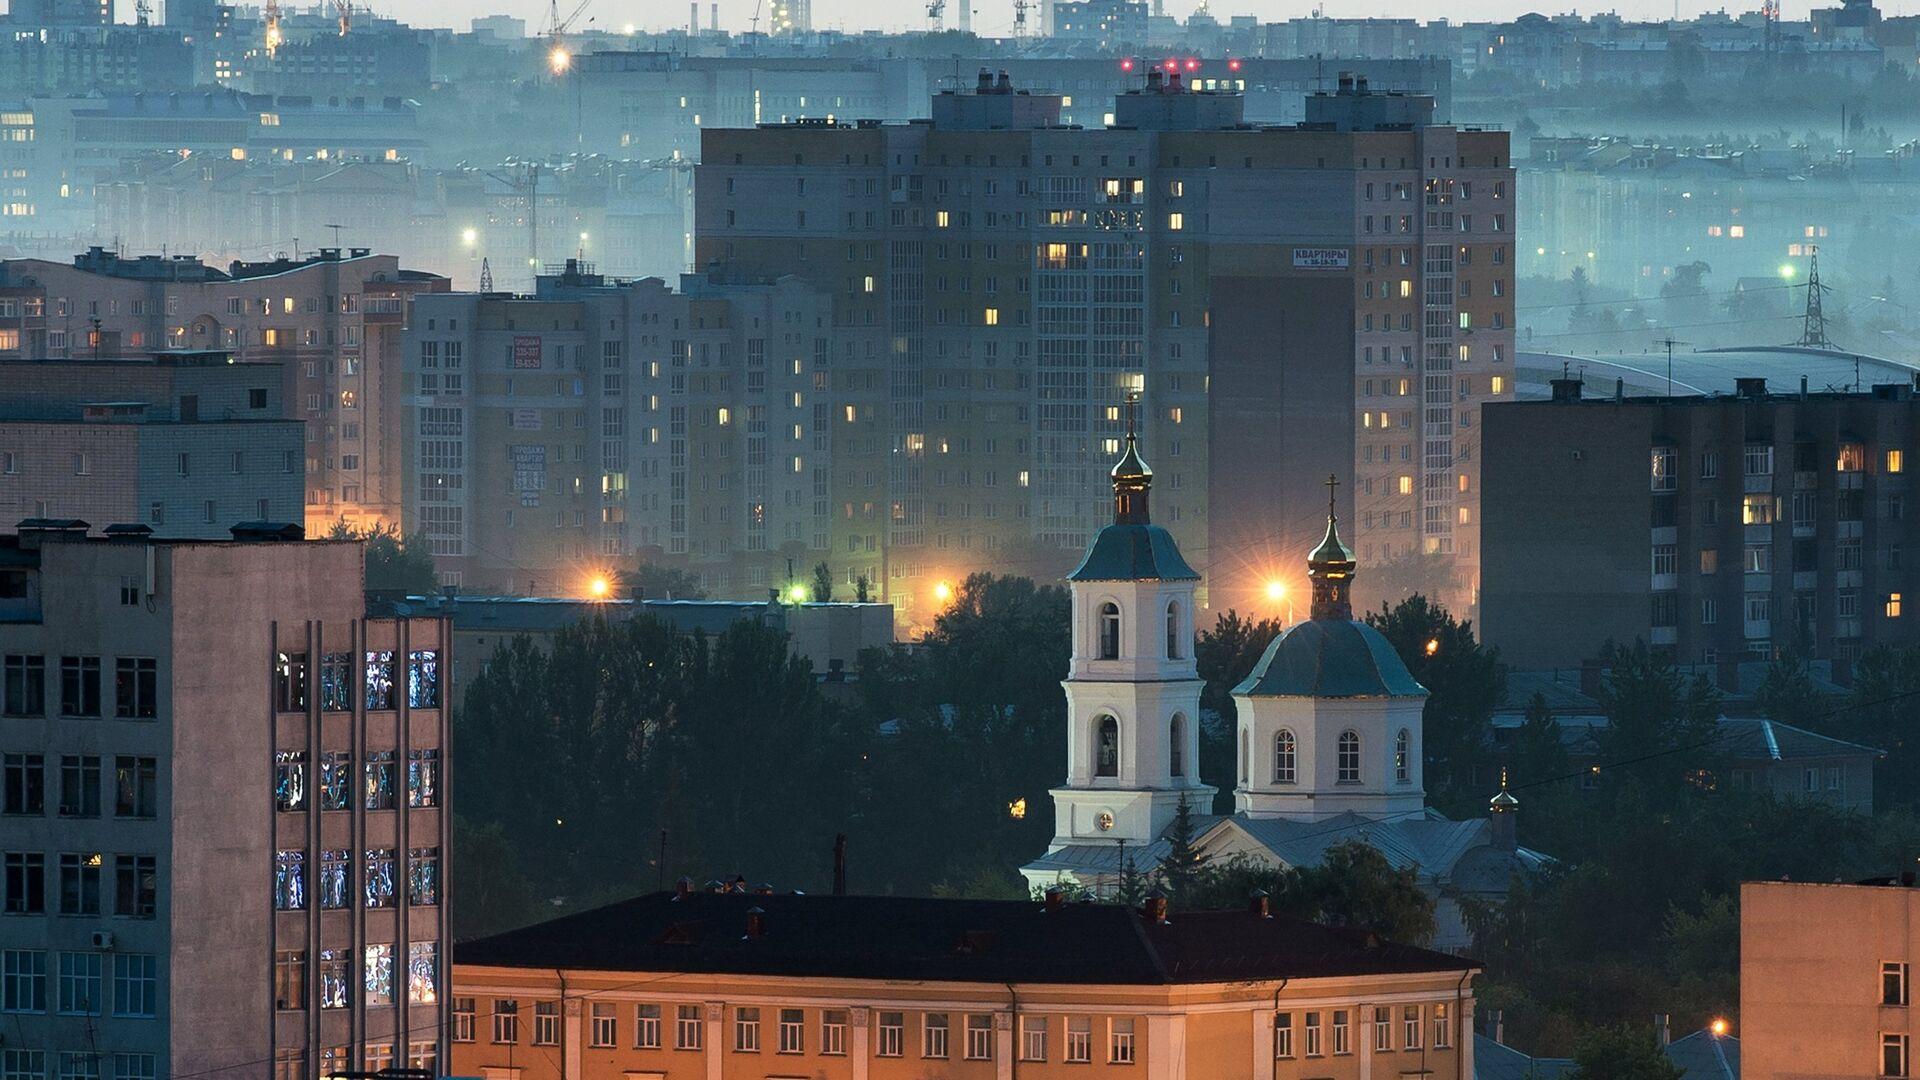 Жилые дома - РИА Новости, 1920, 15.06.2018